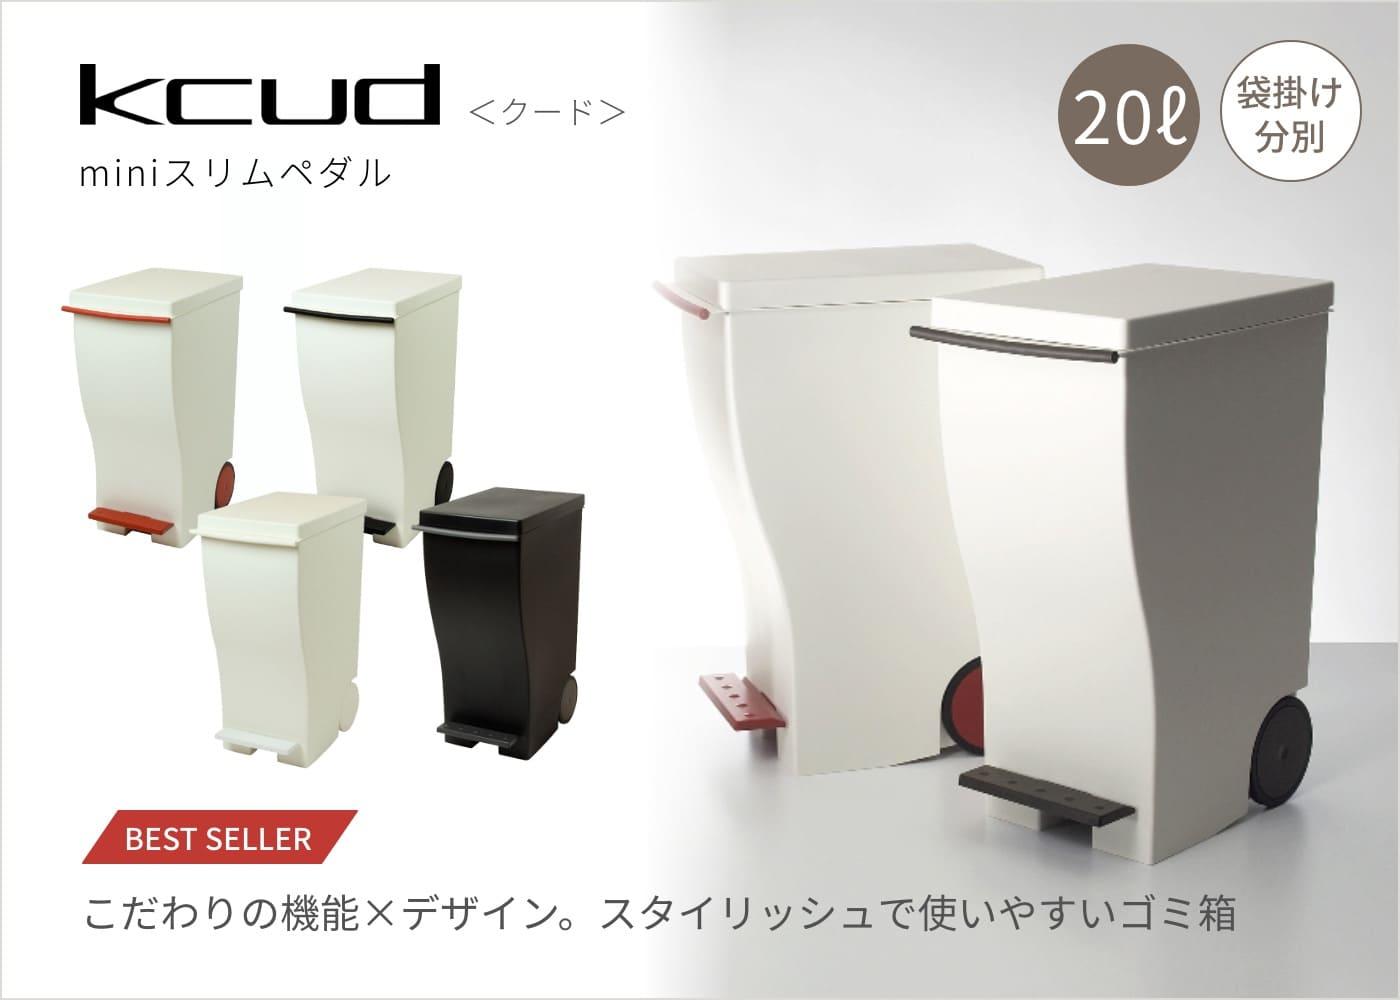 miniスリムペダル「こだわりの機能✕デザイン。スタイリッシュで使いやすいゴミ箱」